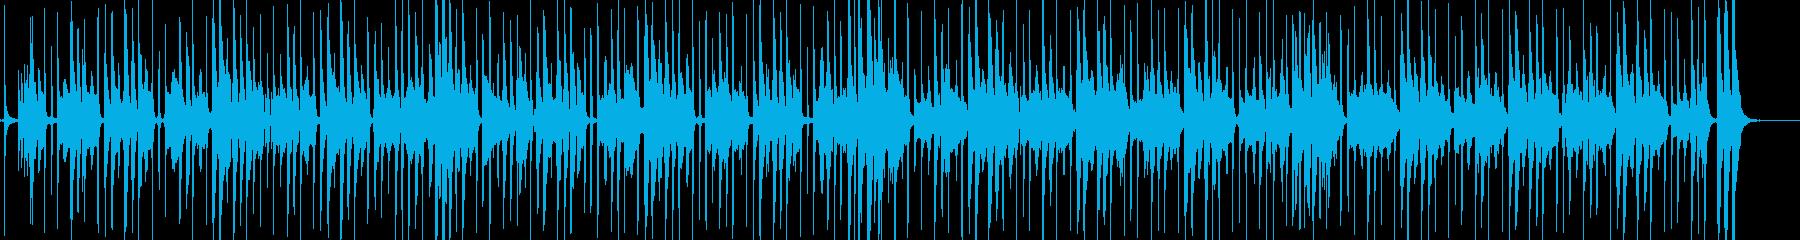 軽快なチャチャチャのリズムの明るい歌の再生済みの波形